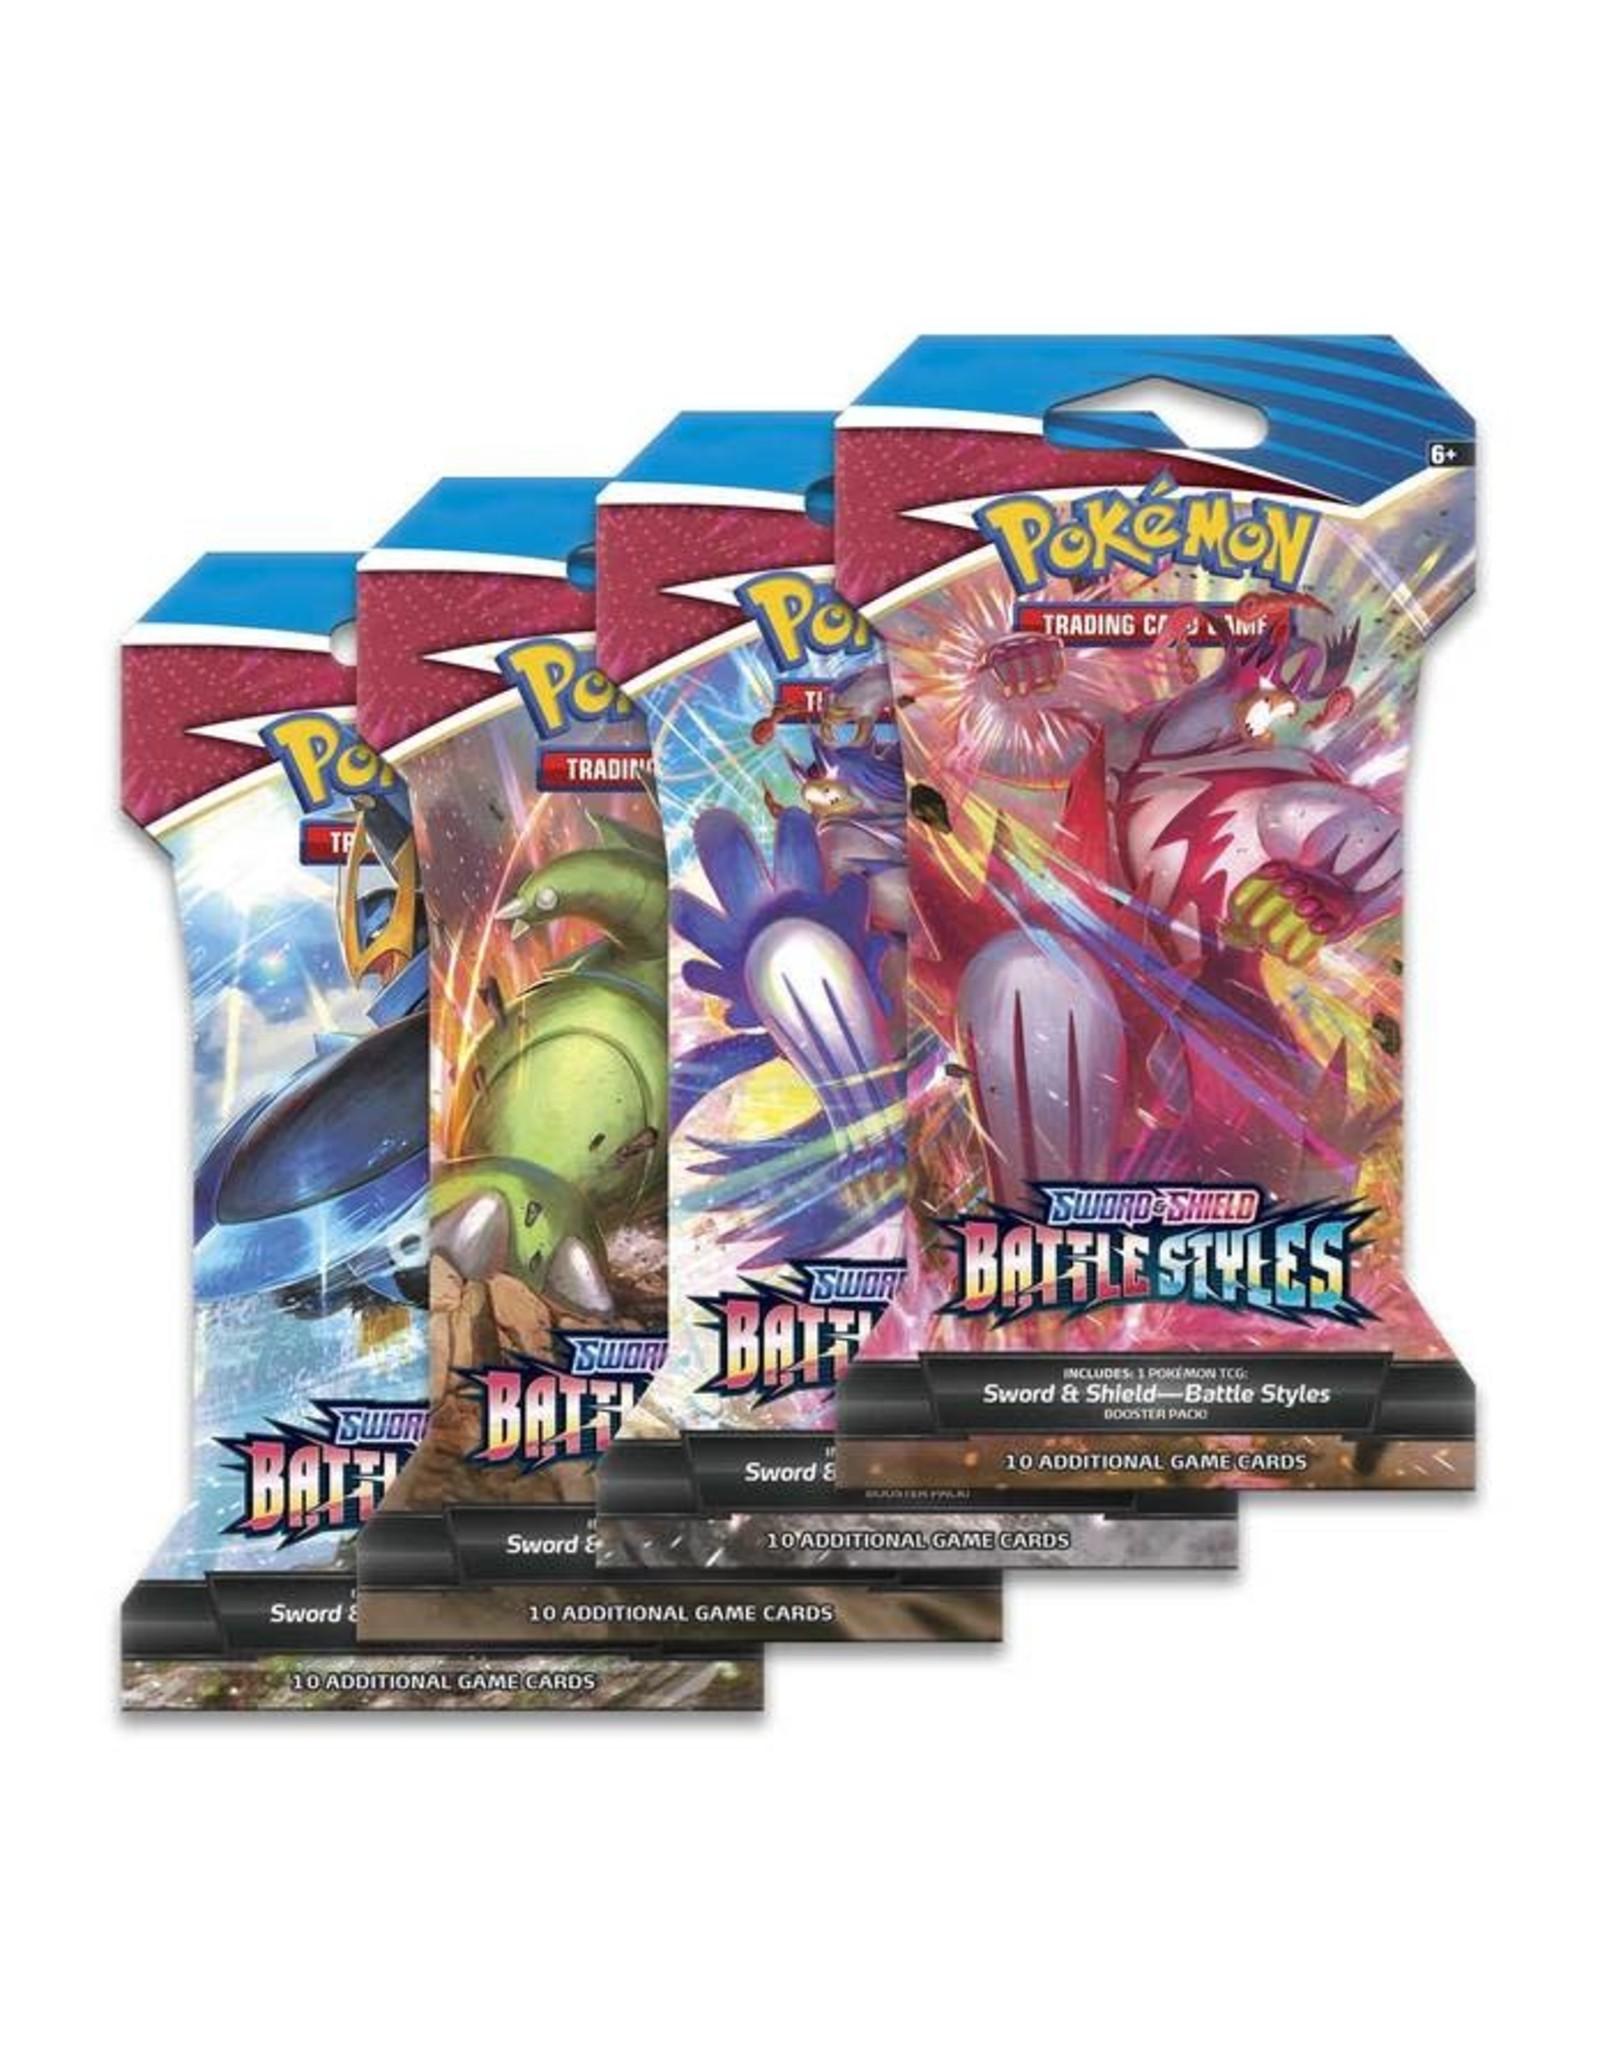 Pokemon Sword & Shield - Battle Styles Booster